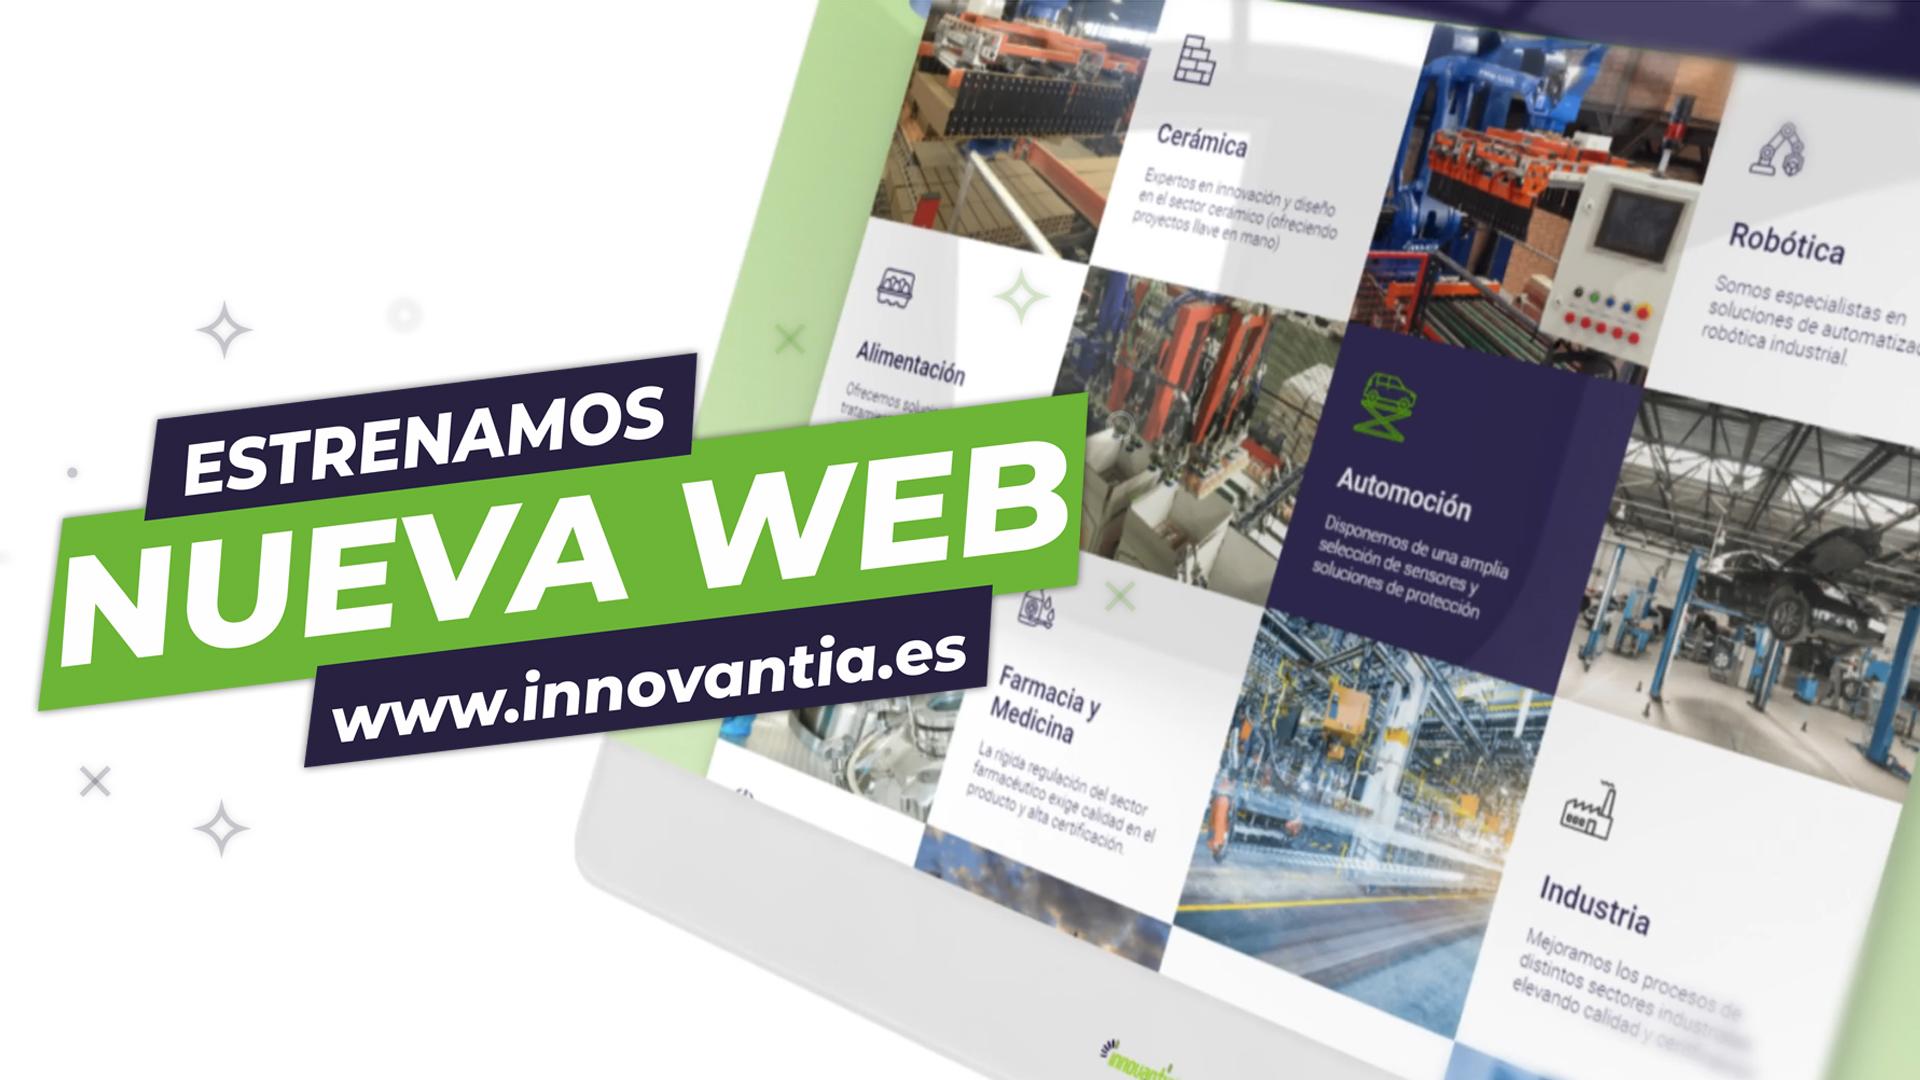 PROMO WEB - ¡Ya es oficial! Te invitamos al ¡Estreno de nuestra nueva web!